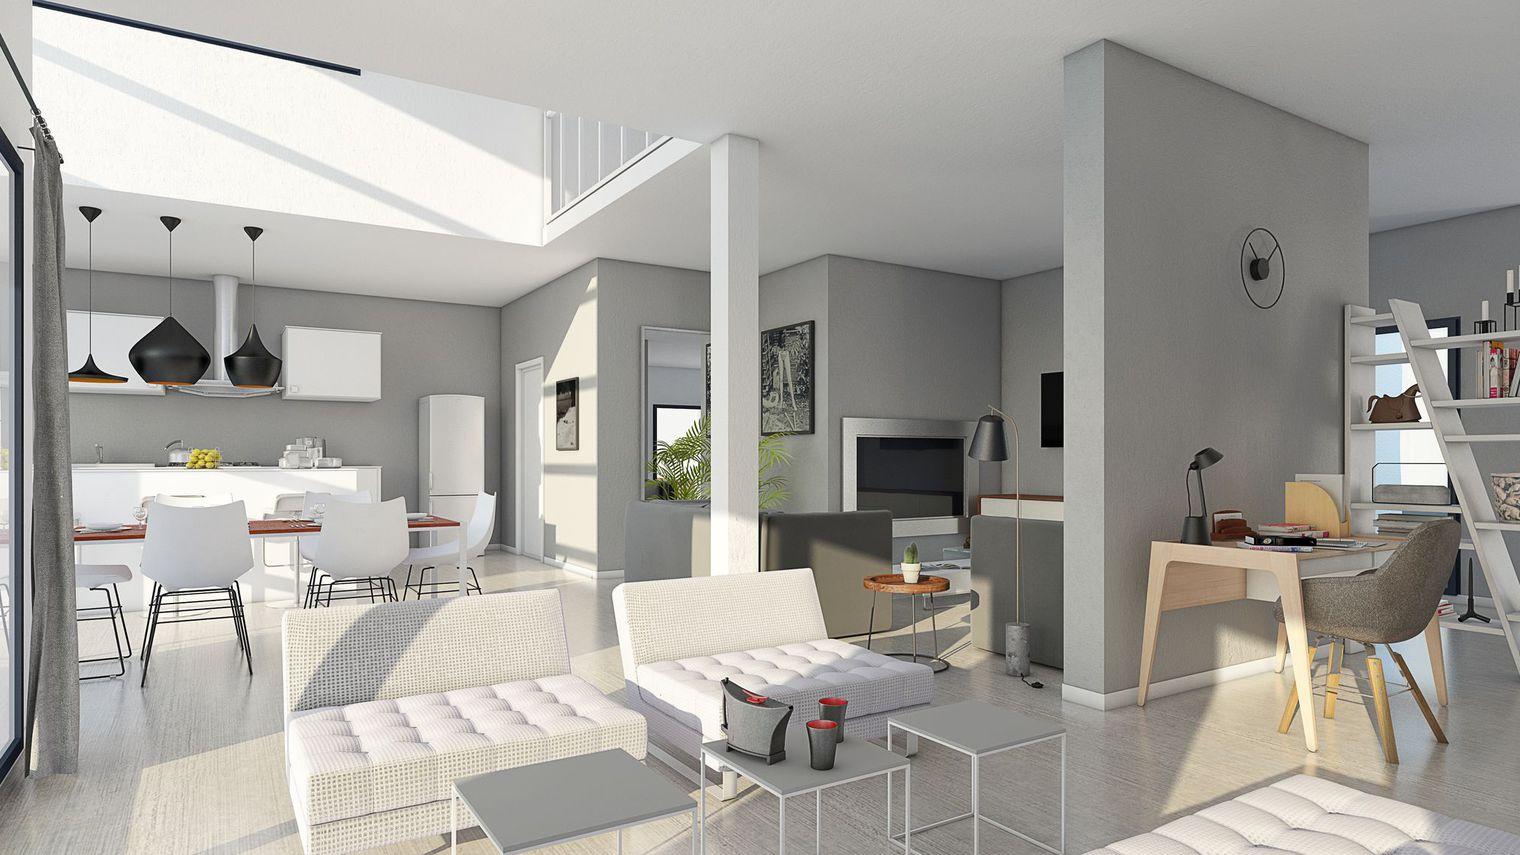 Idee Plan De Maison Interieur Idees De Travaux